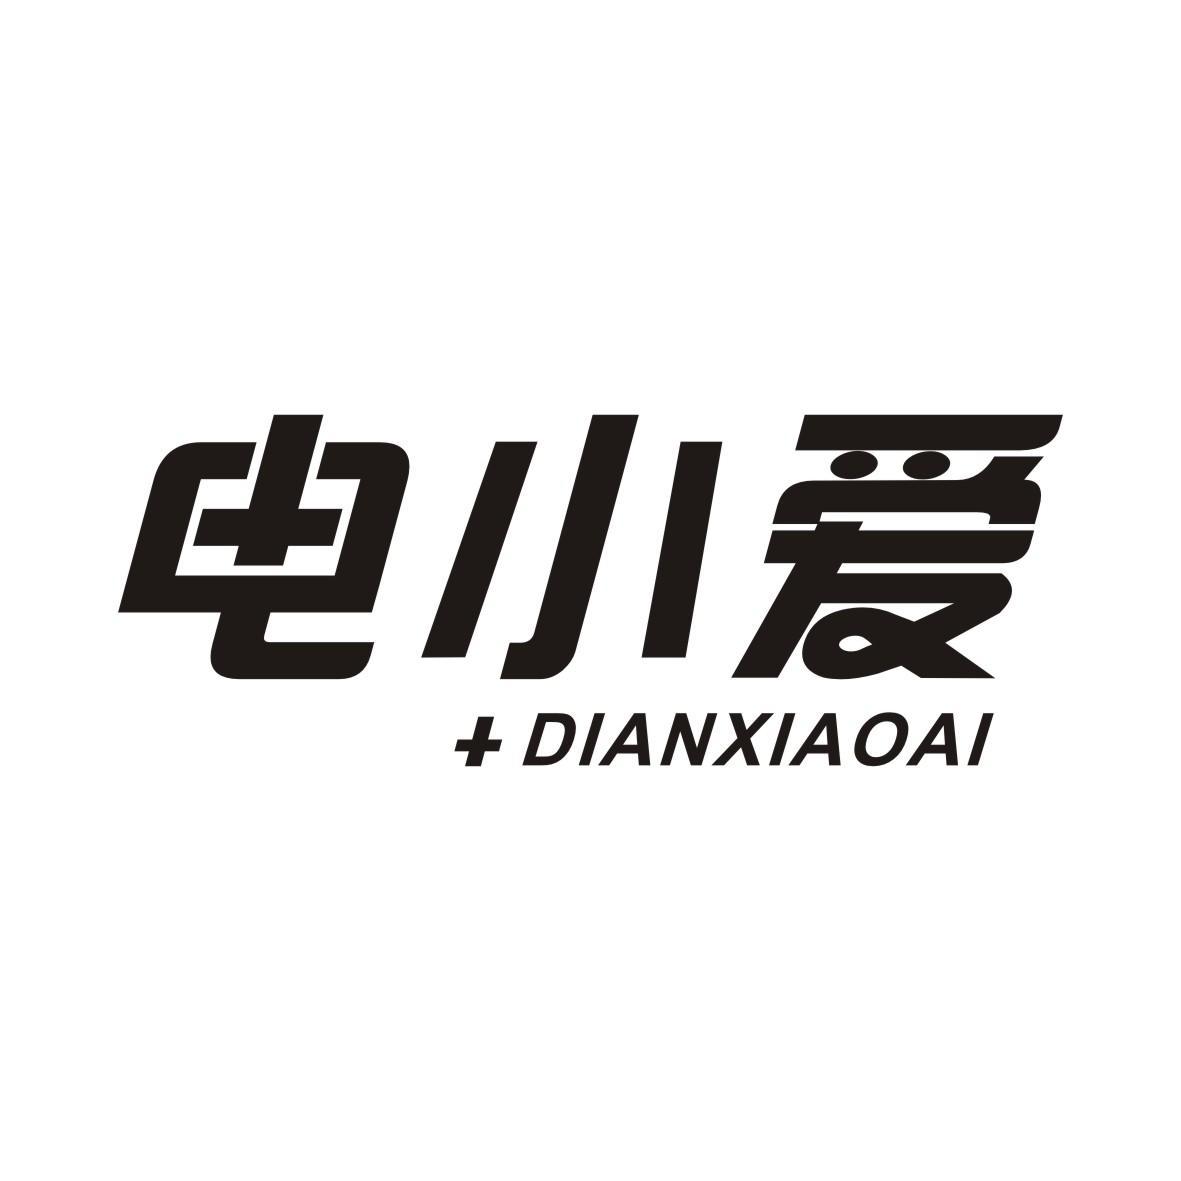 电小爱DIANXIAOAI